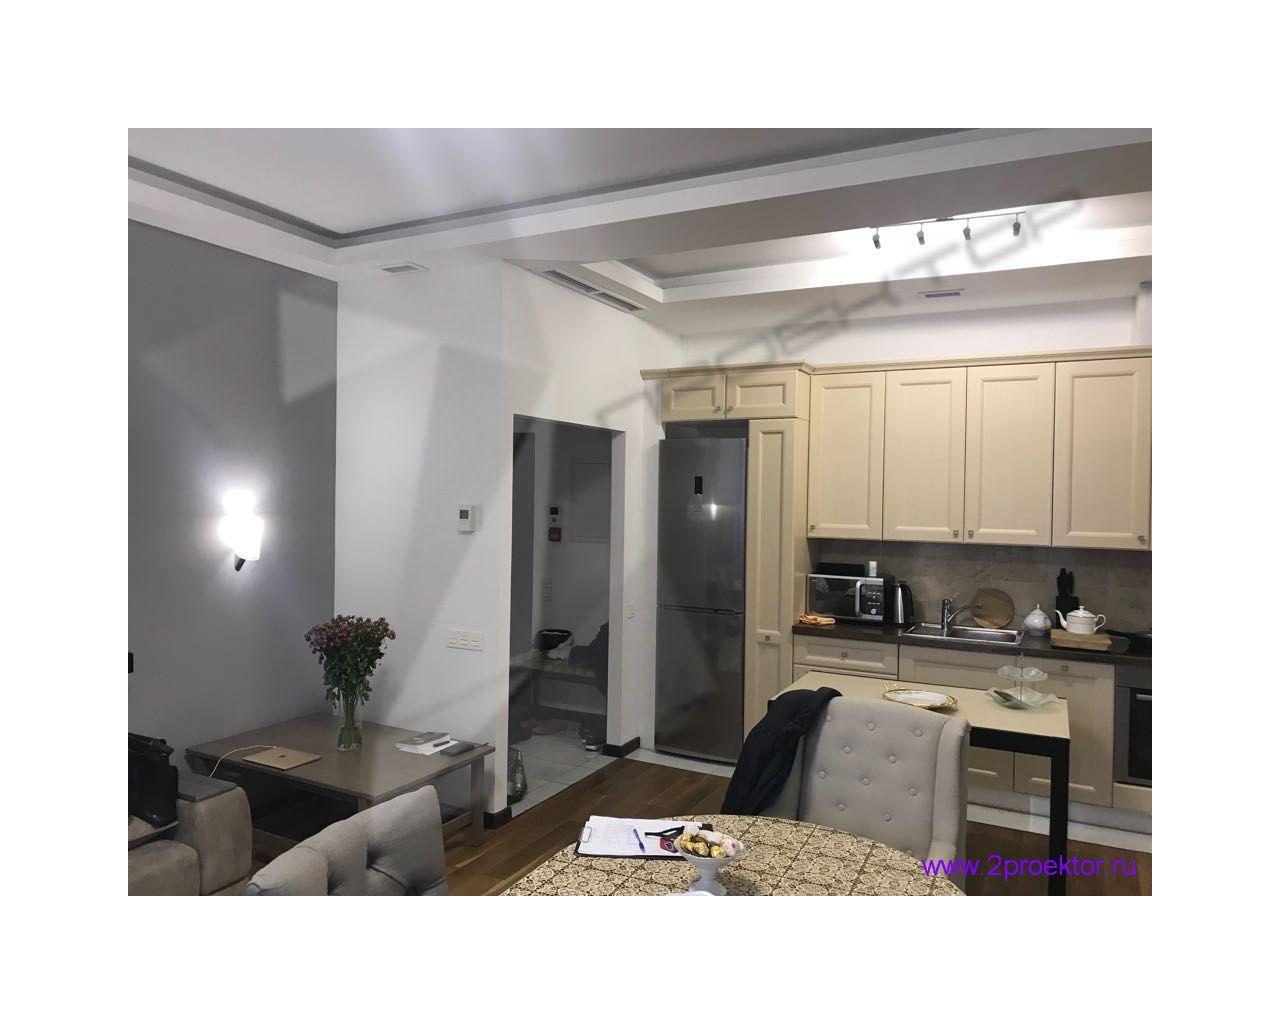 Объединение гостиной и кухни в квартире с электроплитой